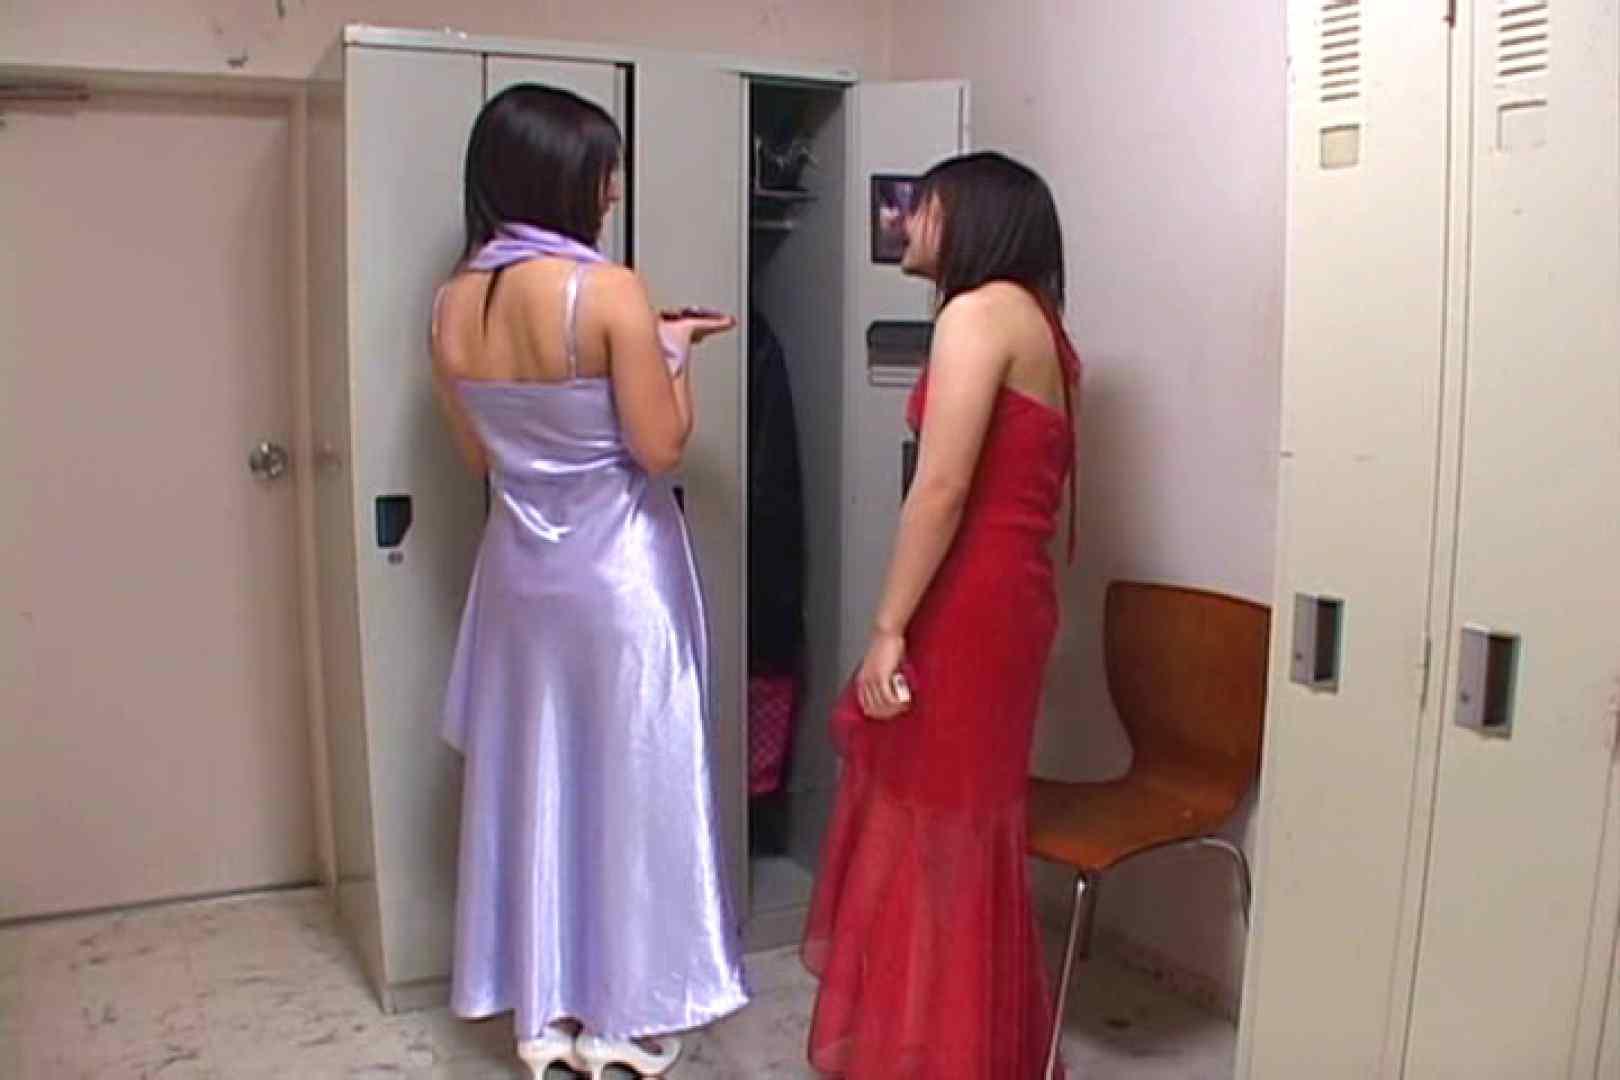 キャバ嬢舞台裏Vol.6 キャバ嬢丸裸 のぞき動画画像 96pic 51